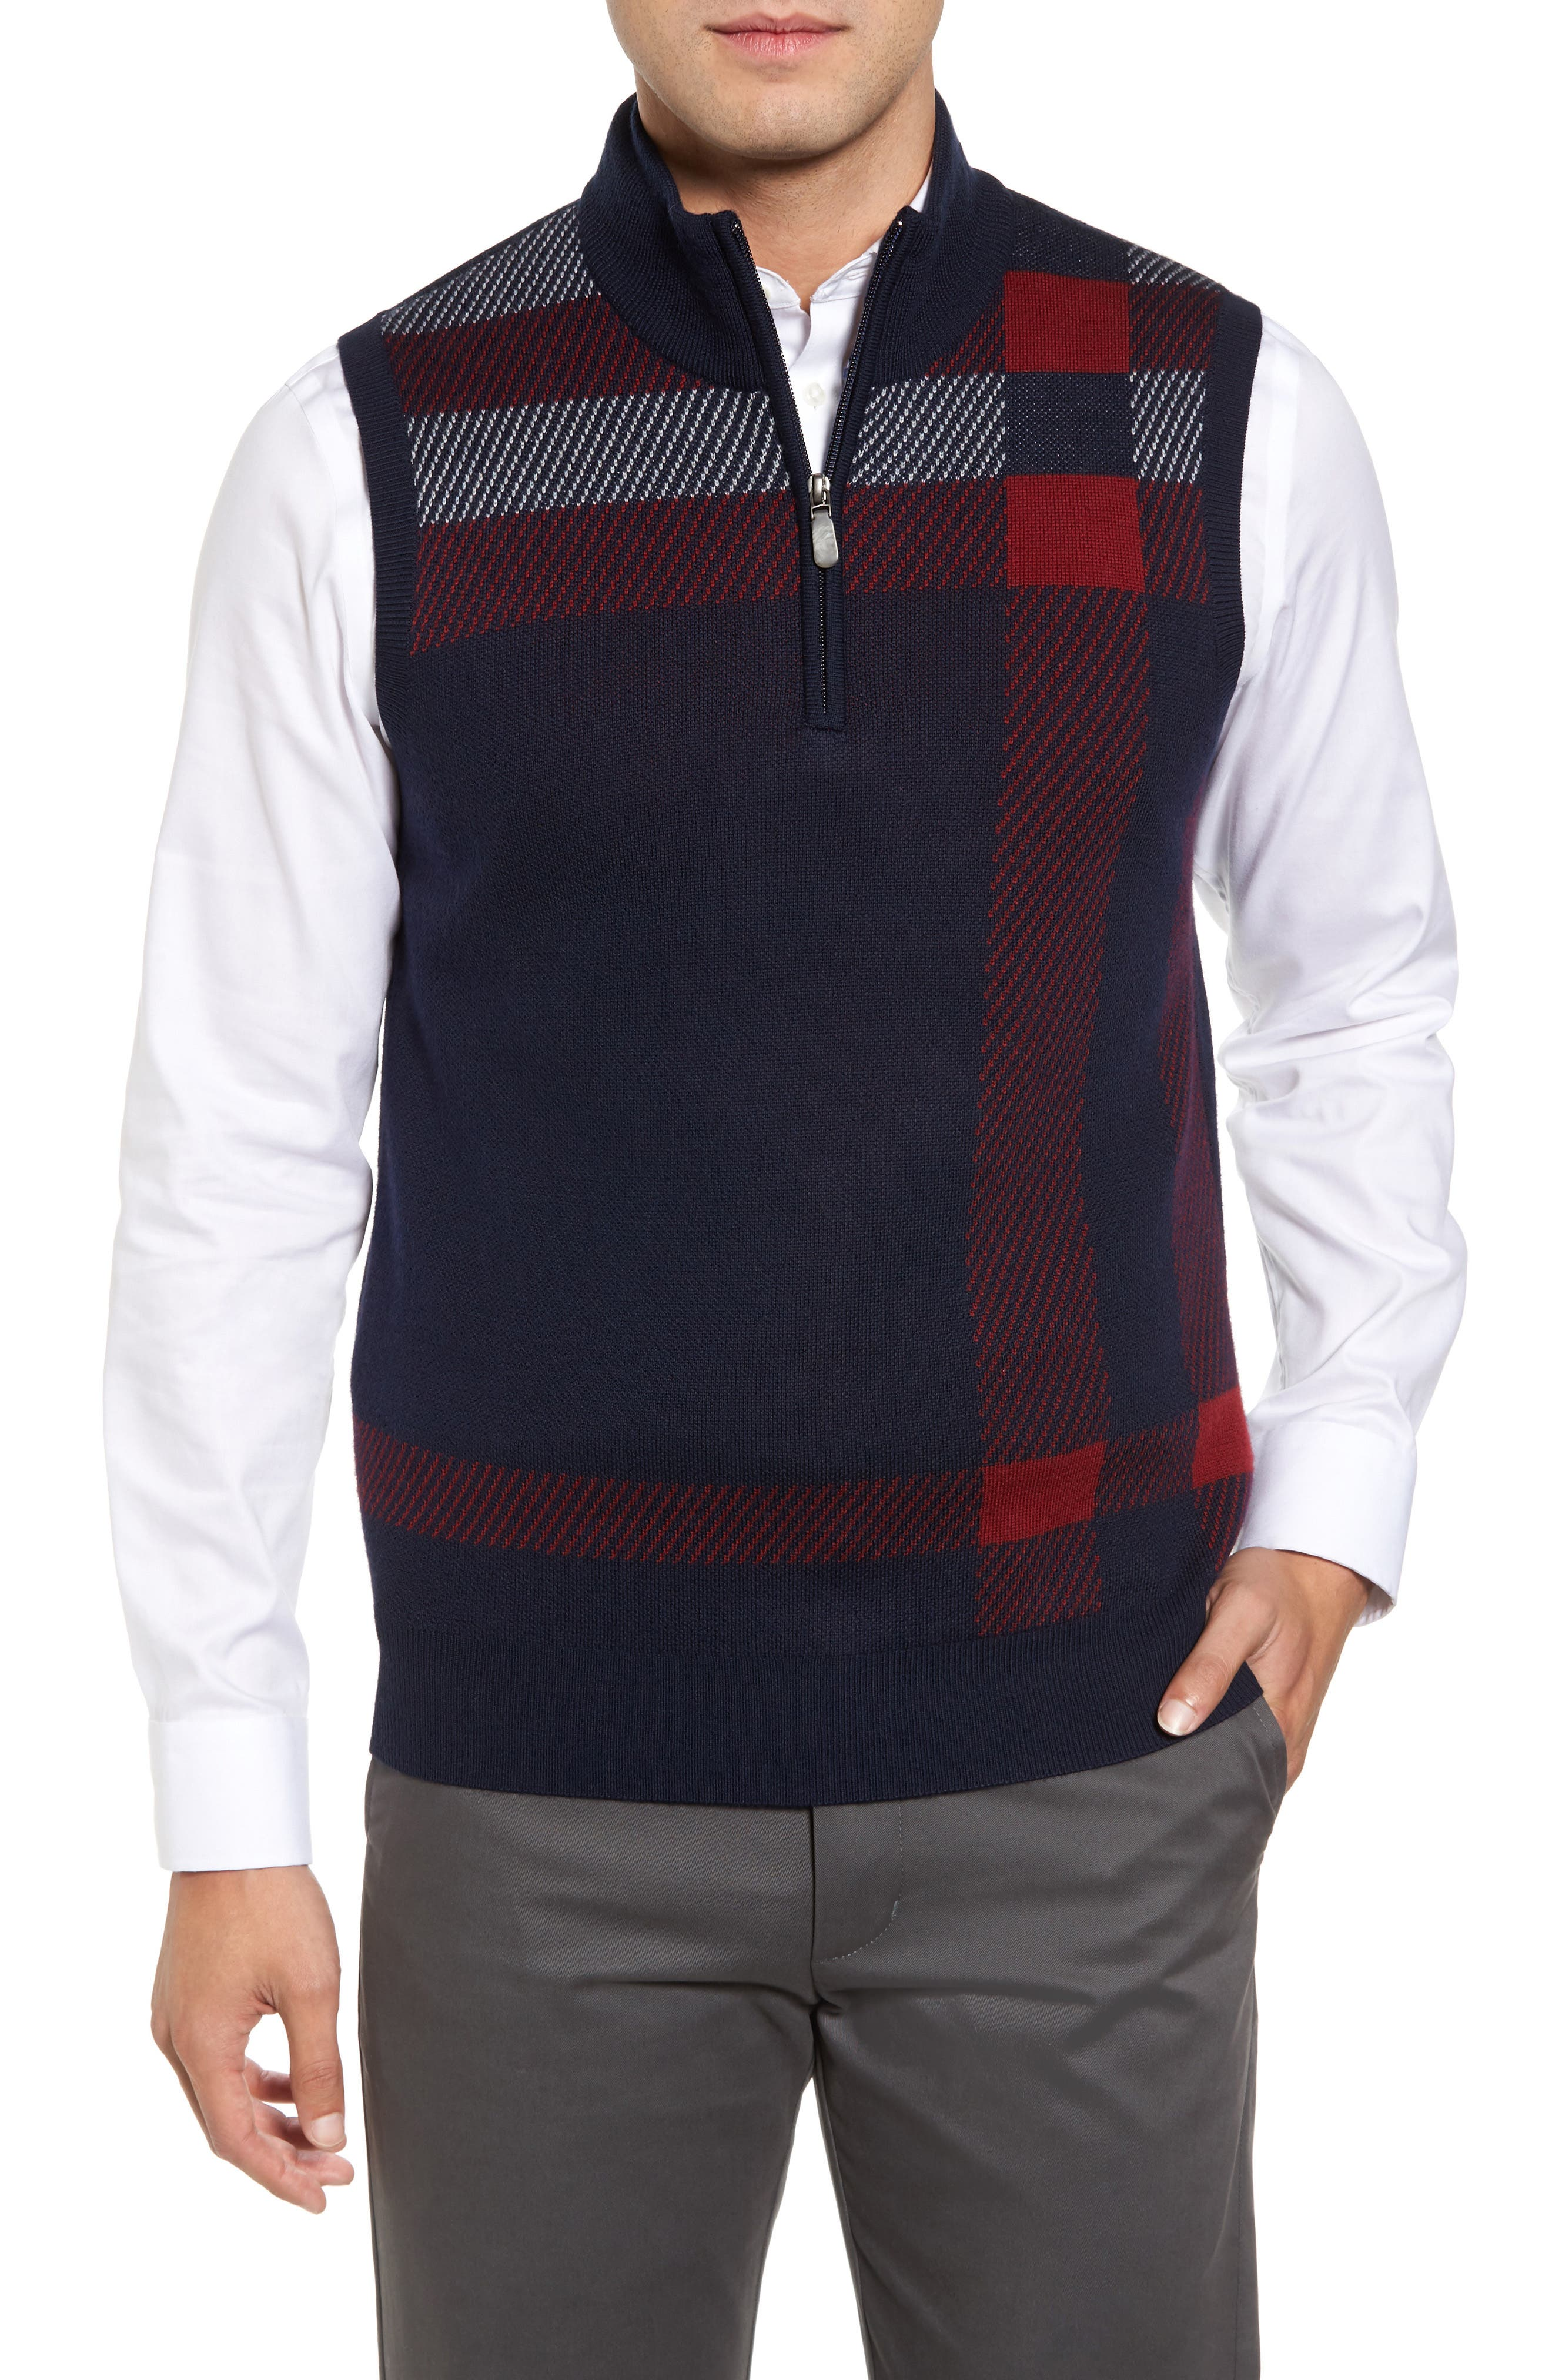 Men's Wool Sweater Vests | Nordstrom